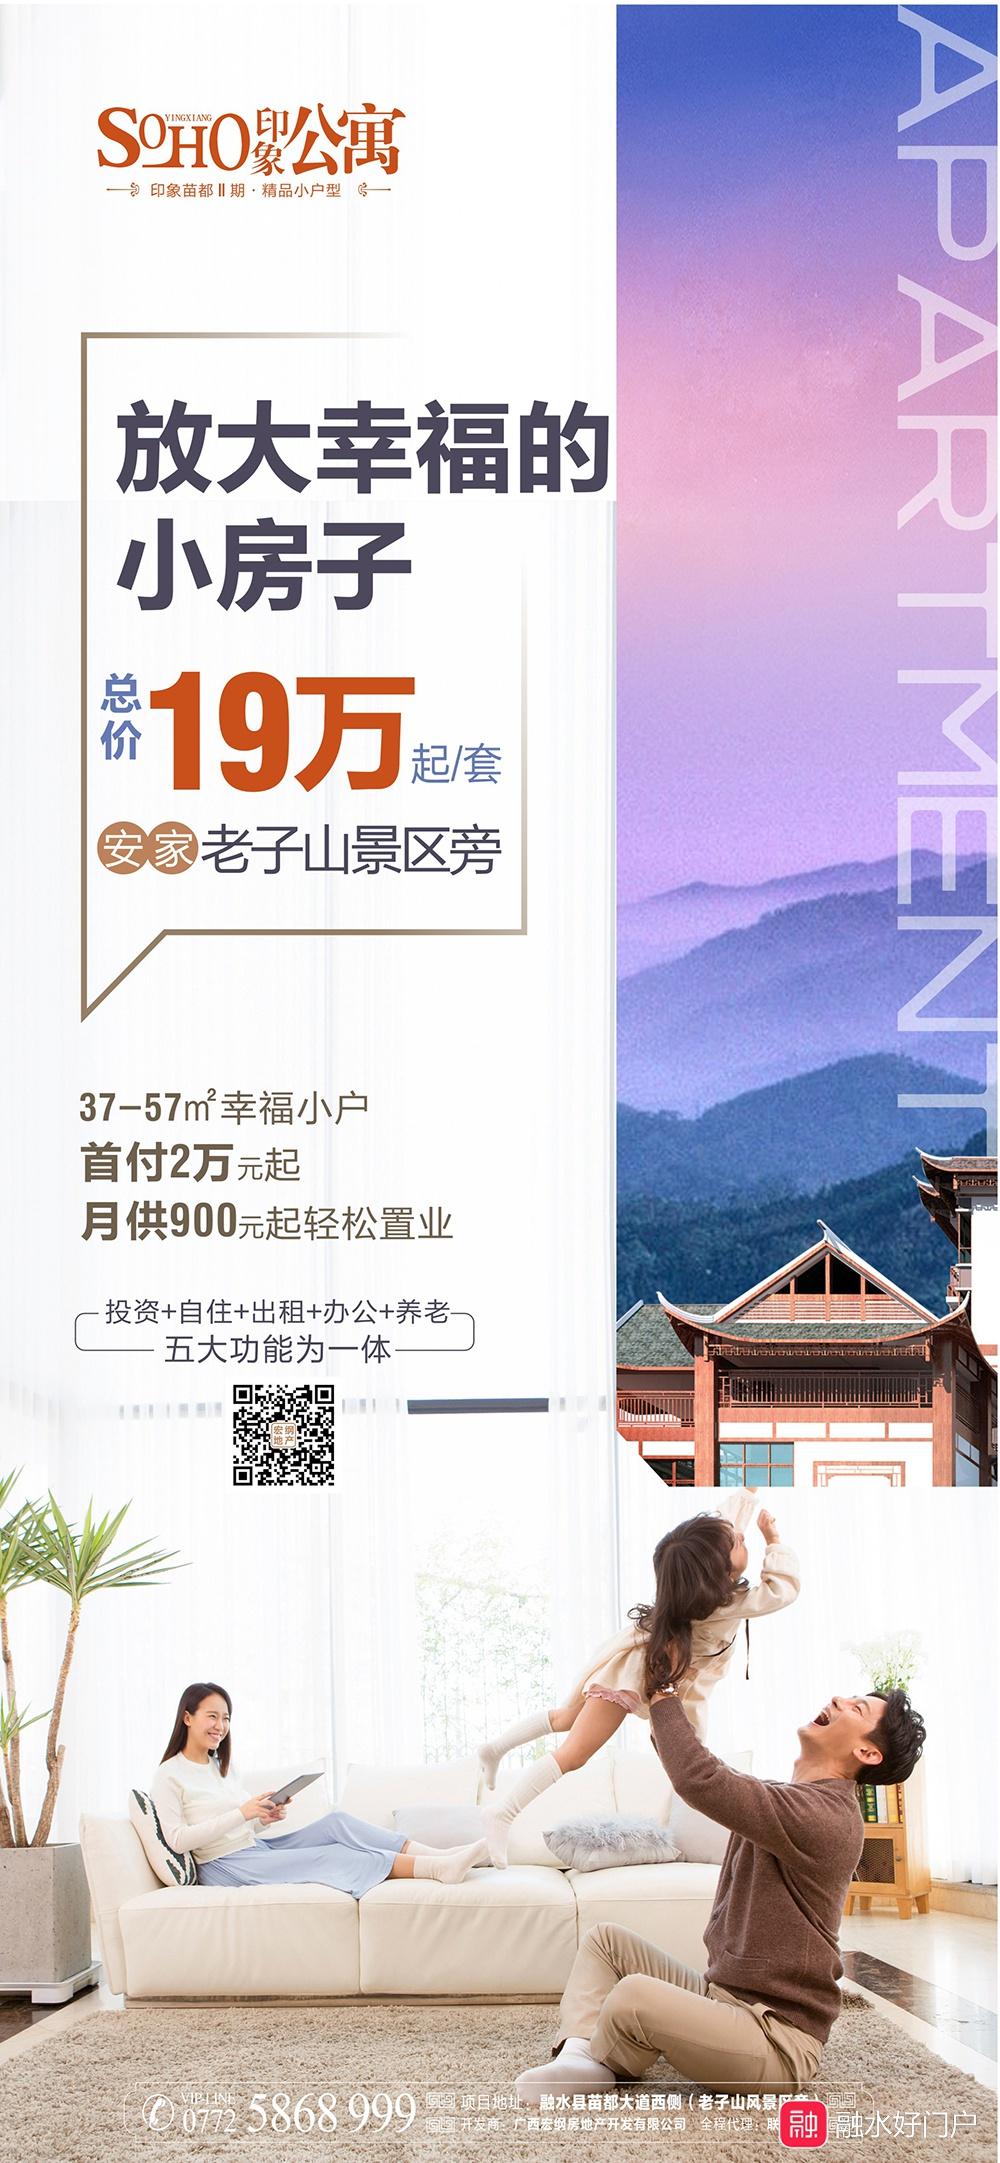 微信图片_20210326103419.jpg